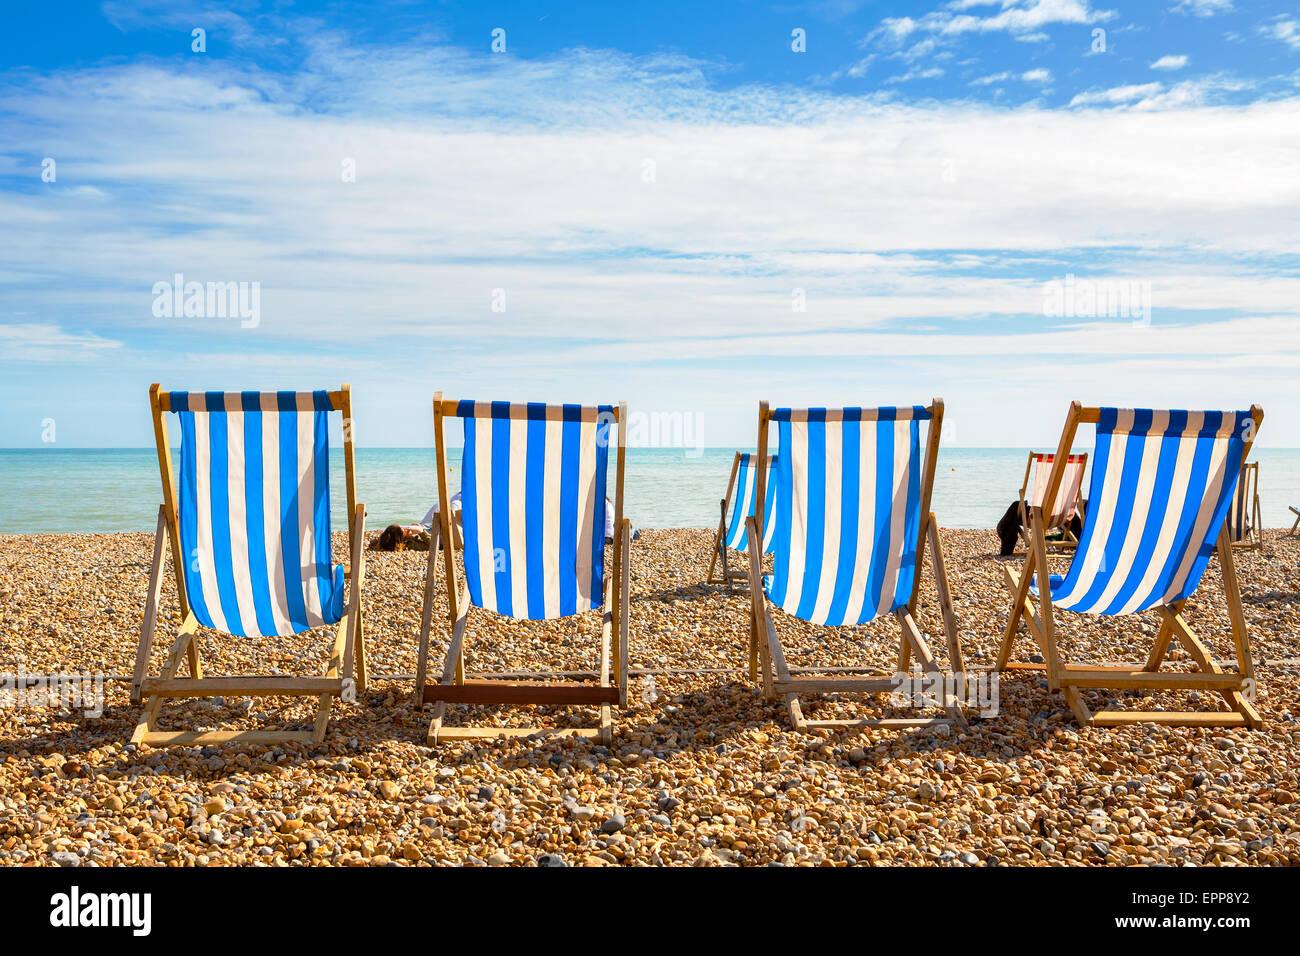 La spiaggia di Brighton. Brighton, Inghilterra Immagini Stock